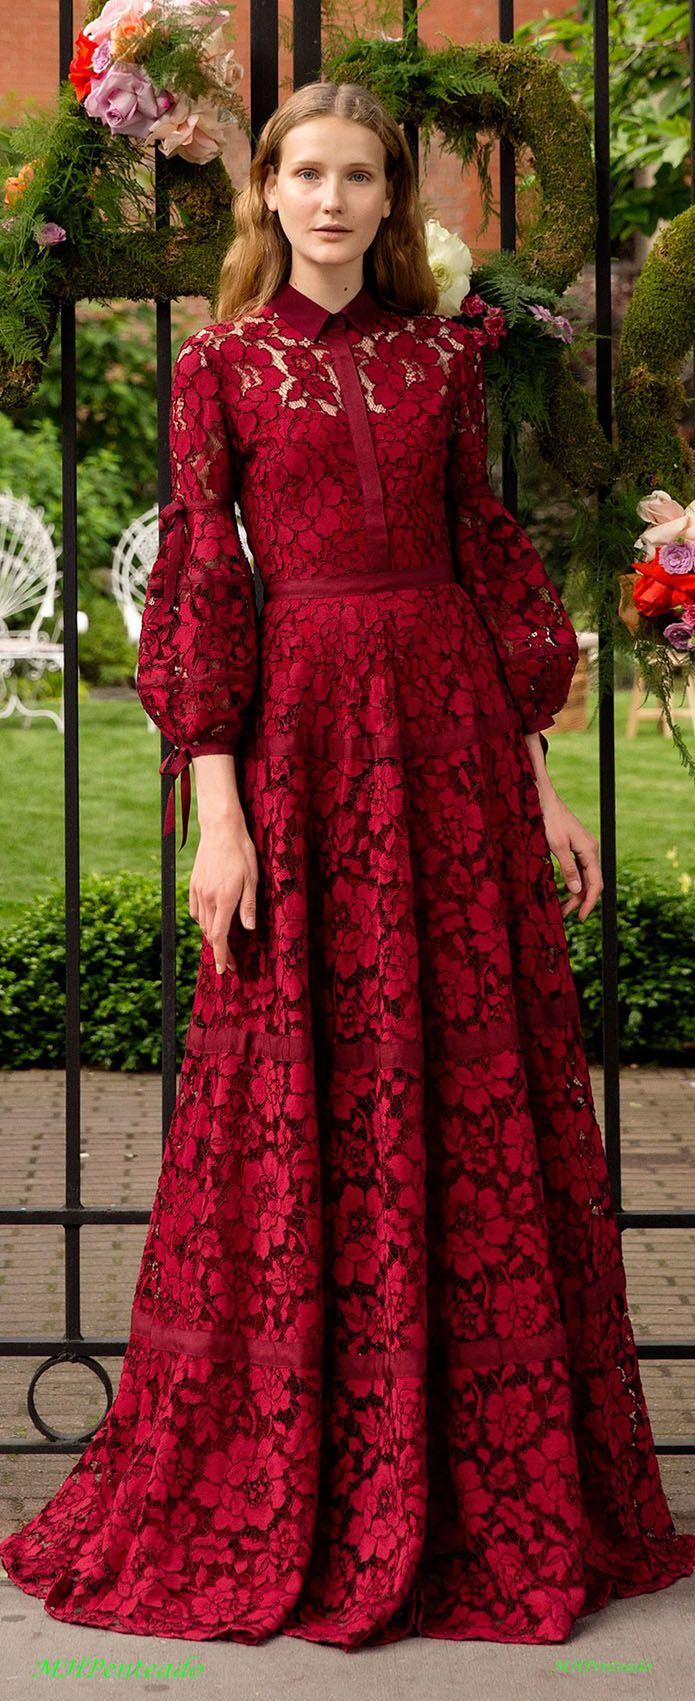 Lela rose resort trends pinterest lela